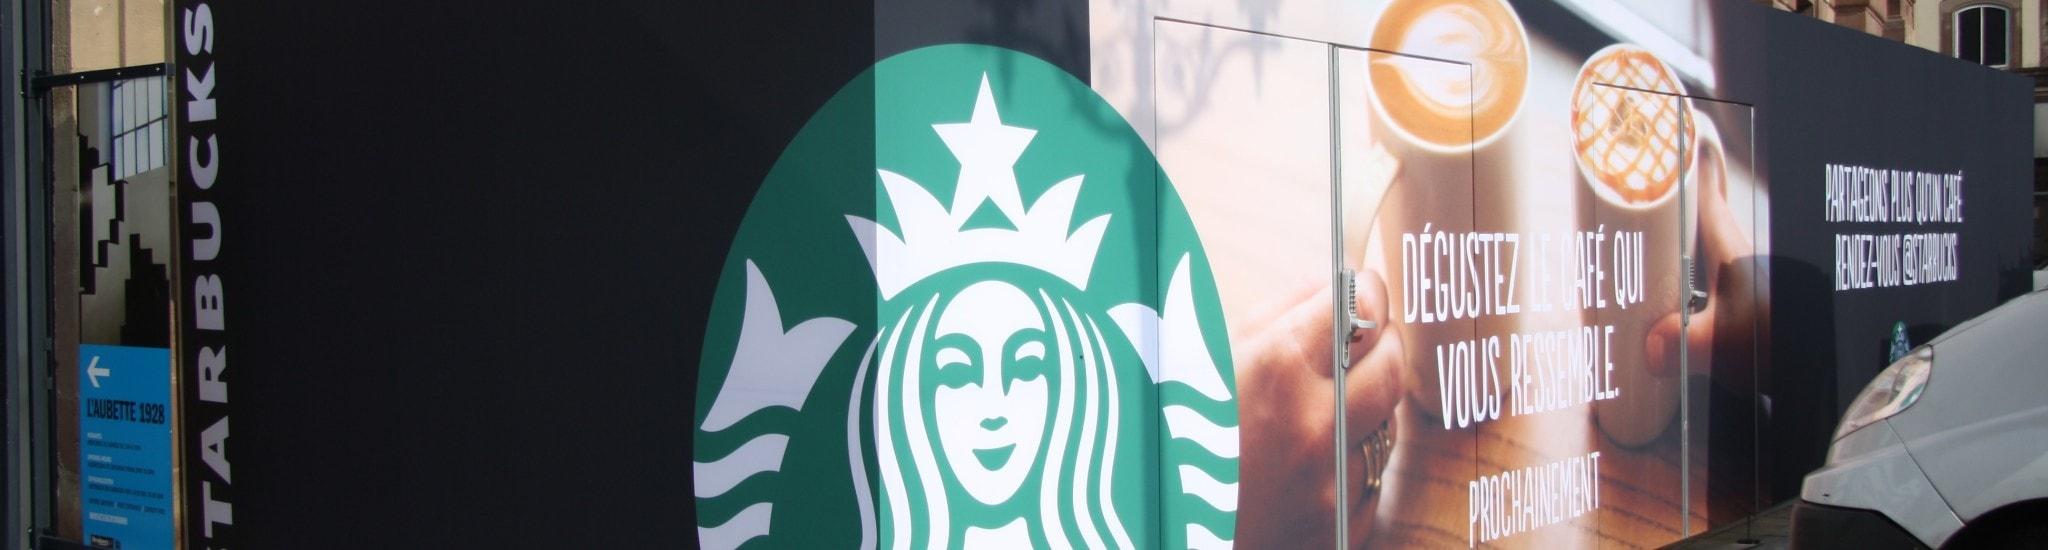 Starbucks à Strasbourg, tapis rouge pour les rois du café cher payé